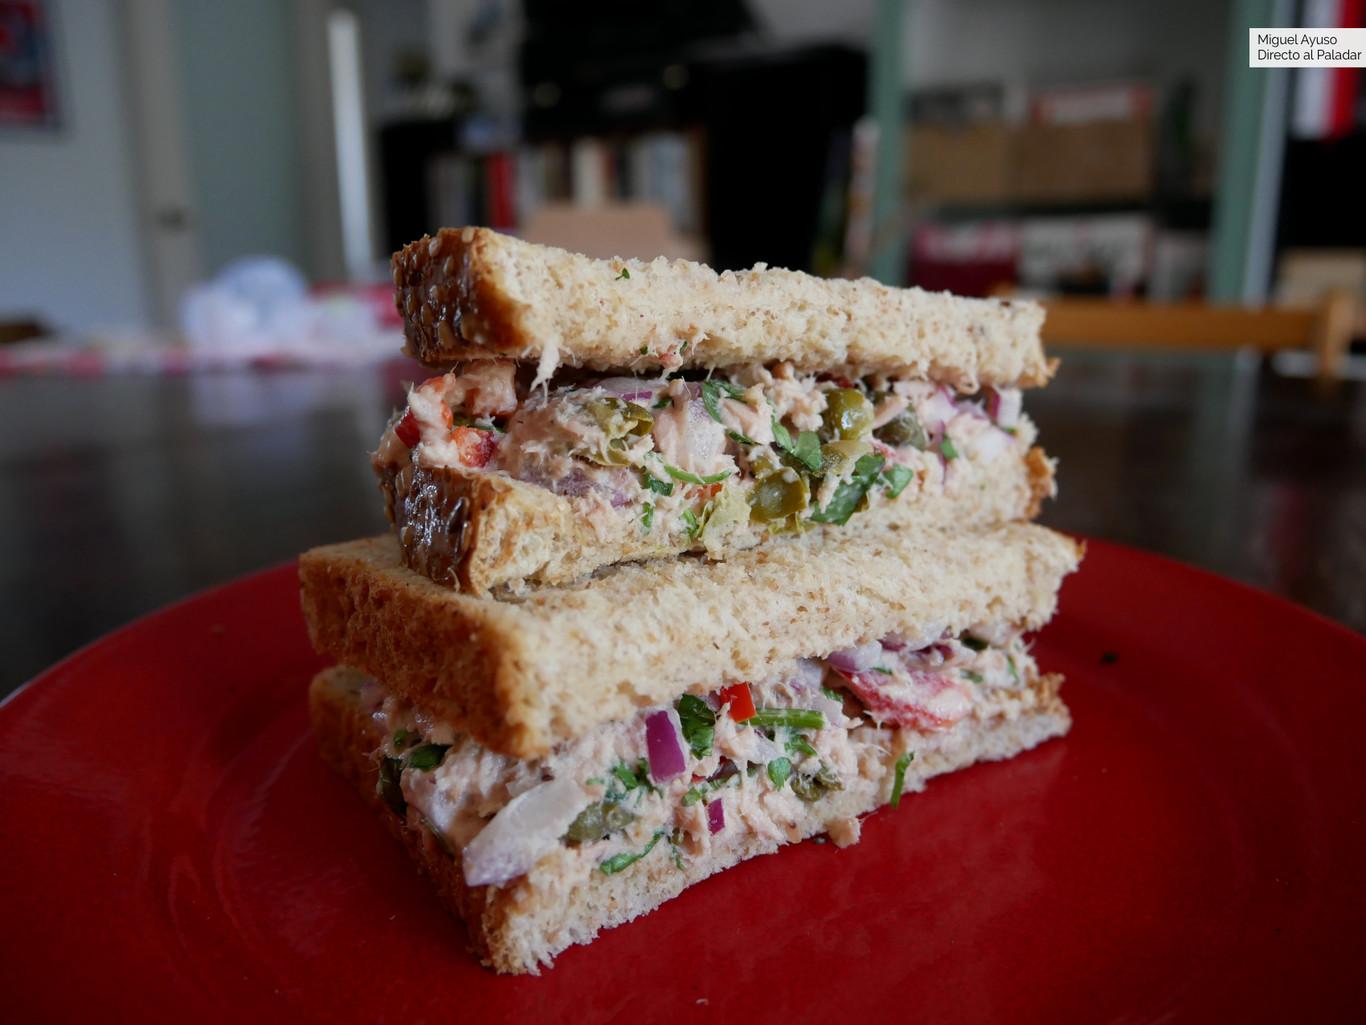 cual es el pan mas saludable para sandwich